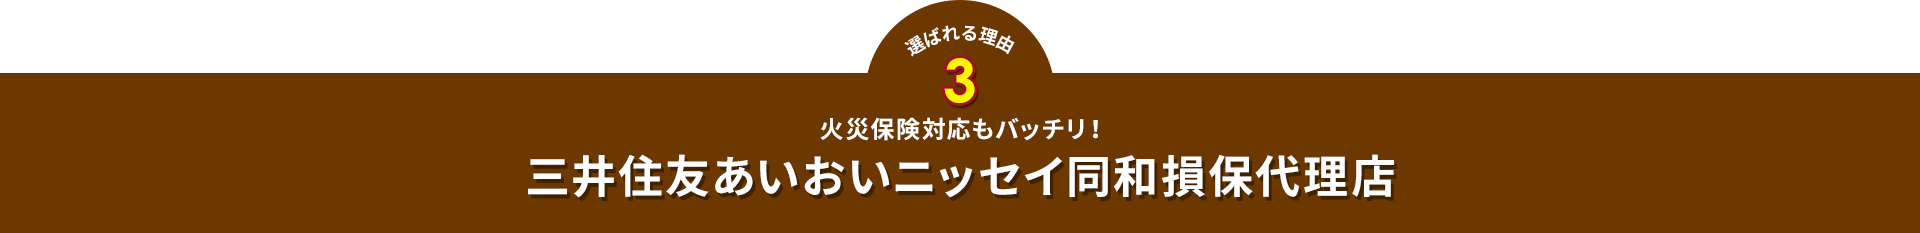 選ばれる理由3三井住友あいおいニッセイ同和損保代理店